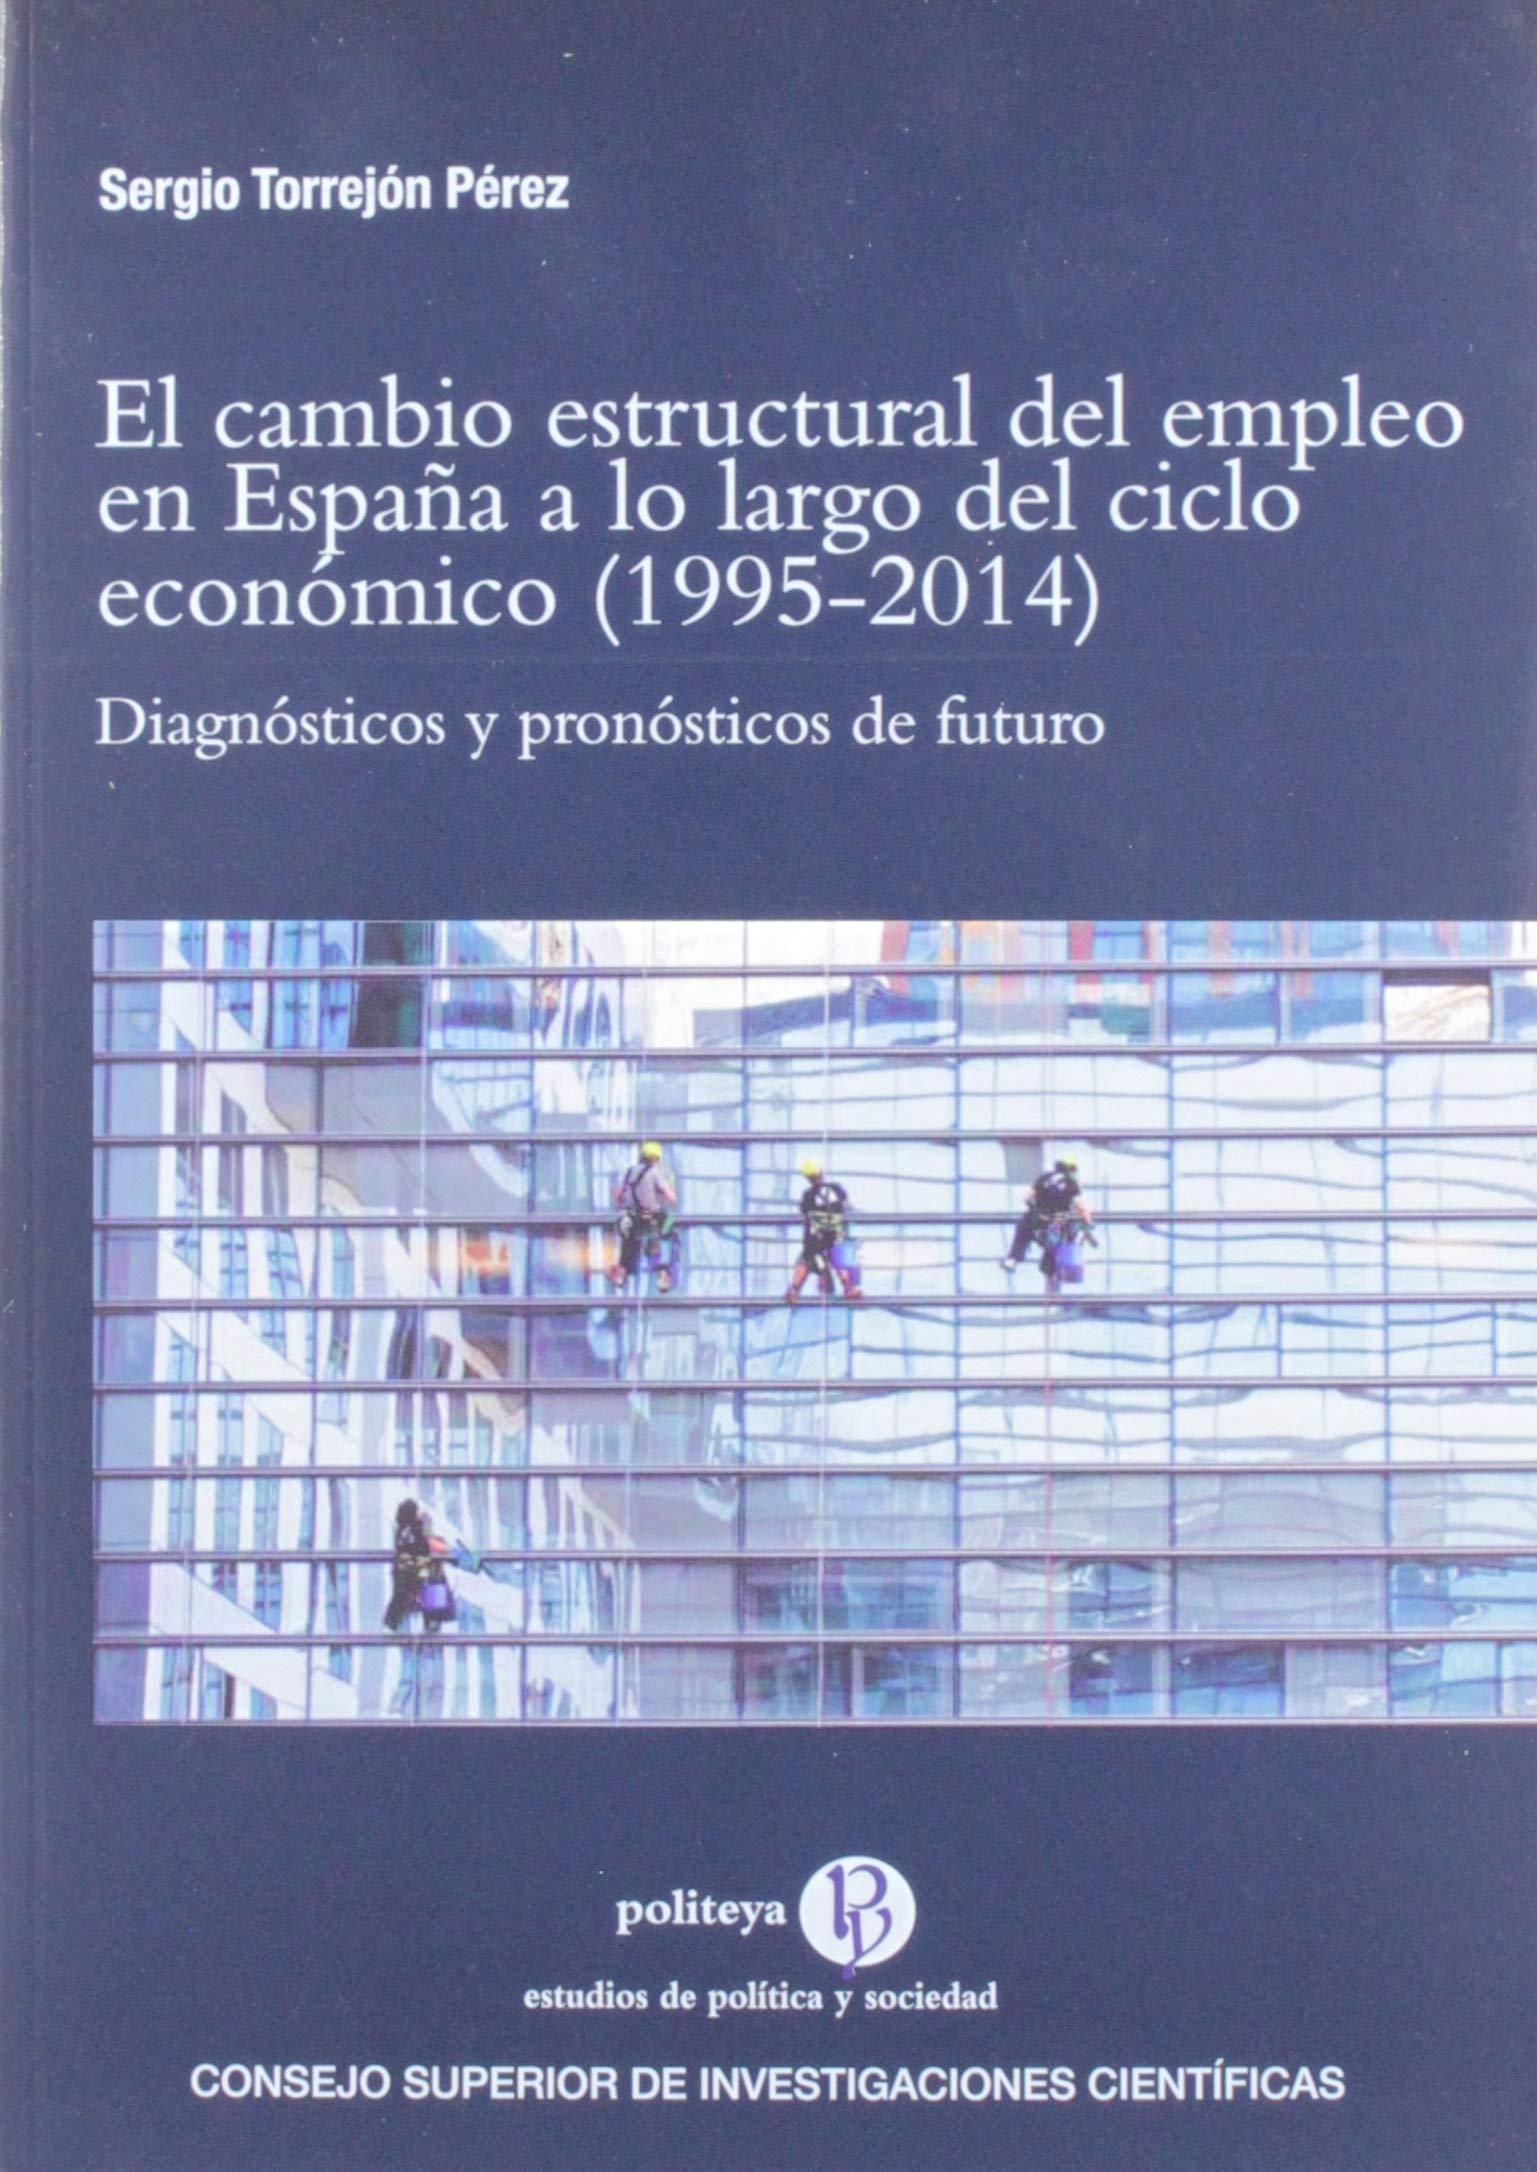 El Cambio estructural del empleo En España a lo largo del ciclo económico 1995-2014 : 35 Politeya. Estudios de Política y Sociedad: Amazon.es: Torrejón Pérez, Sergio: Libros